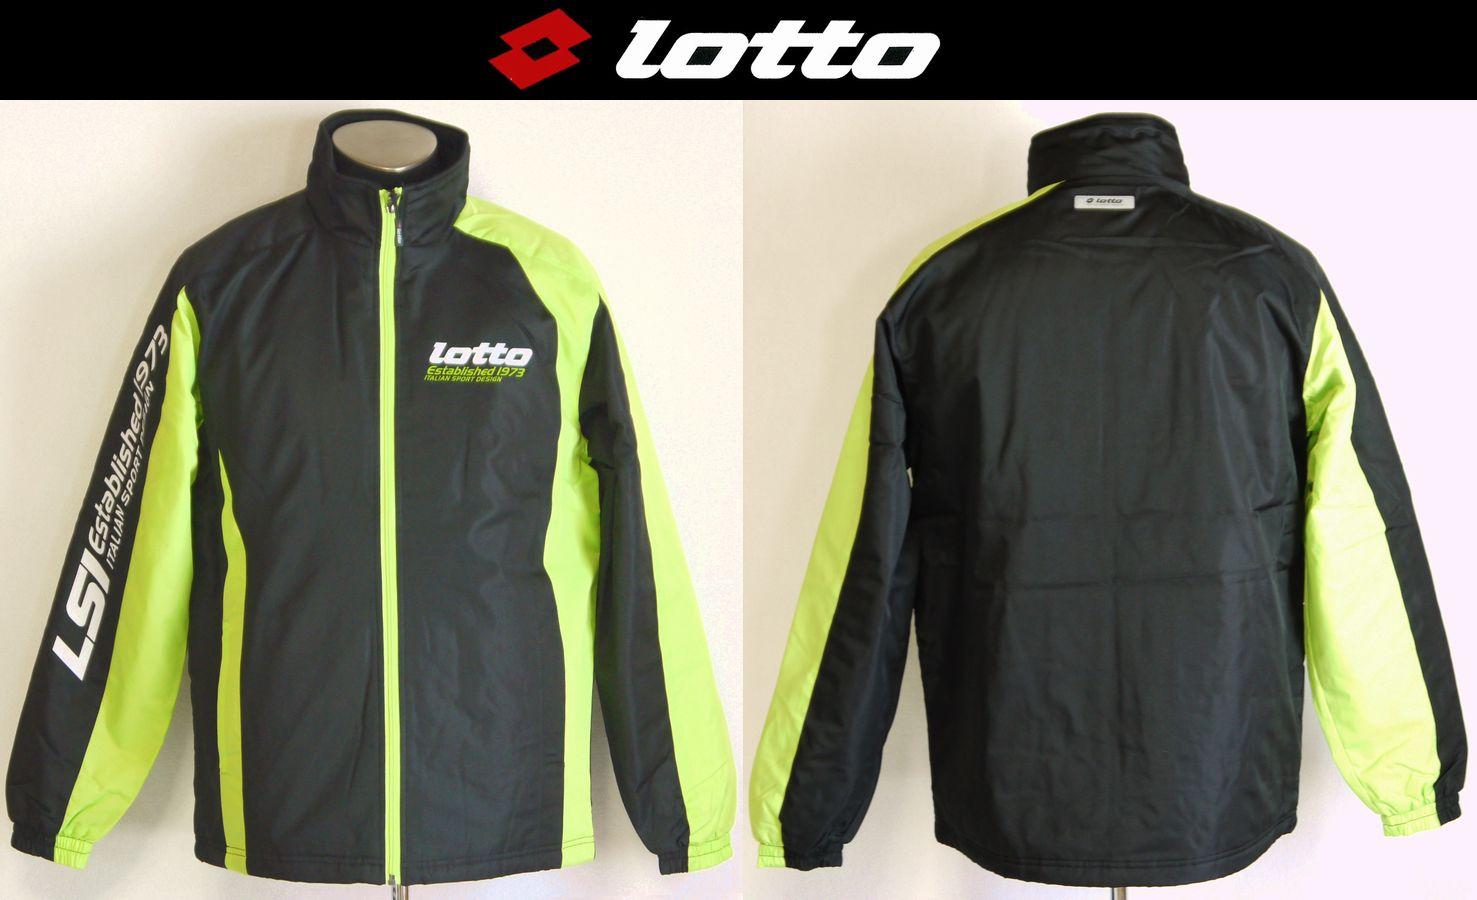 【SALE】【lotto/ロット】メンズ 中綿ジャケット 撥水加工 -全1色-【送料無料!!】ジョギング ウォーキング 雪かき 冬のスポーツ【メール便不可】